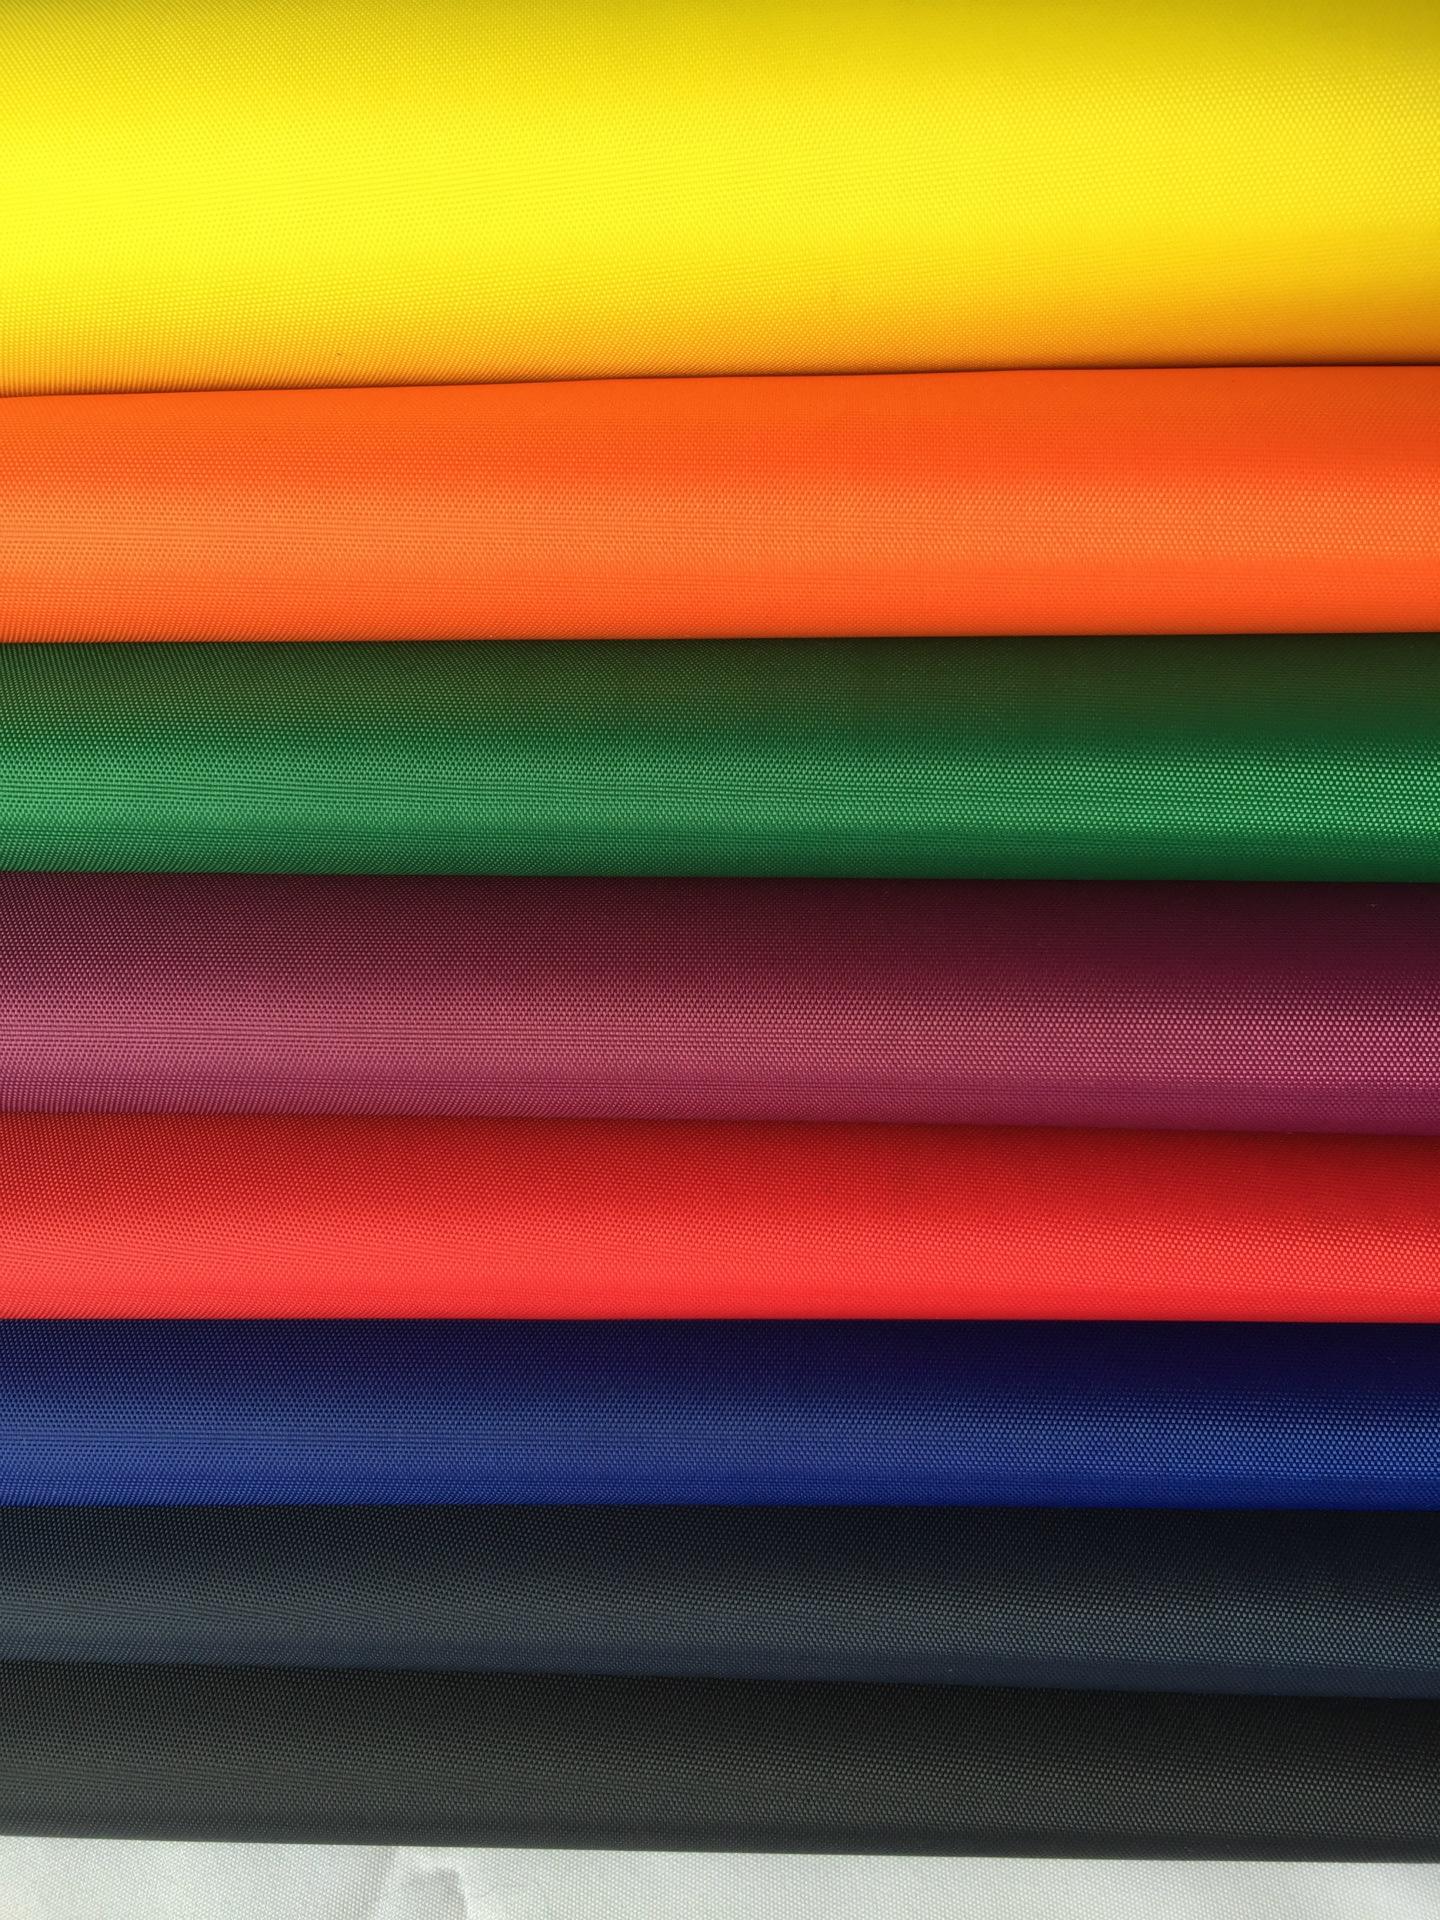 Ткань оксфорд - что это такое за материал